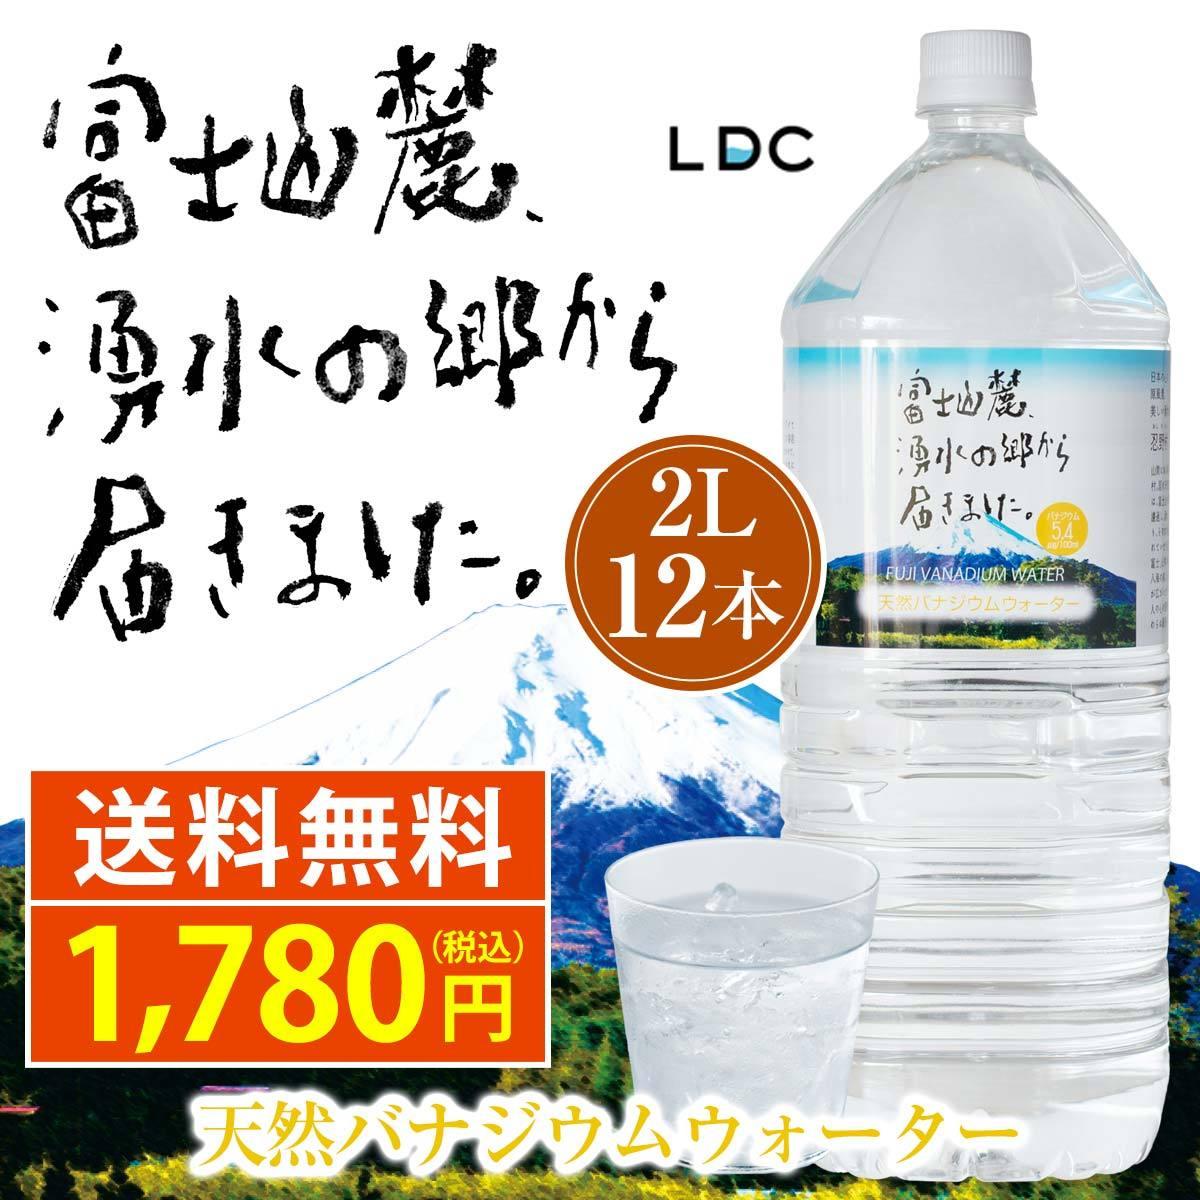 【送料無料】バナジウム入りミネラルウォーター 湧水の郷から届きました 2L×12本 国産 ライフドリンクカンパニー ペットボトル 飲料水 軟水 備蓄水 非常用 水